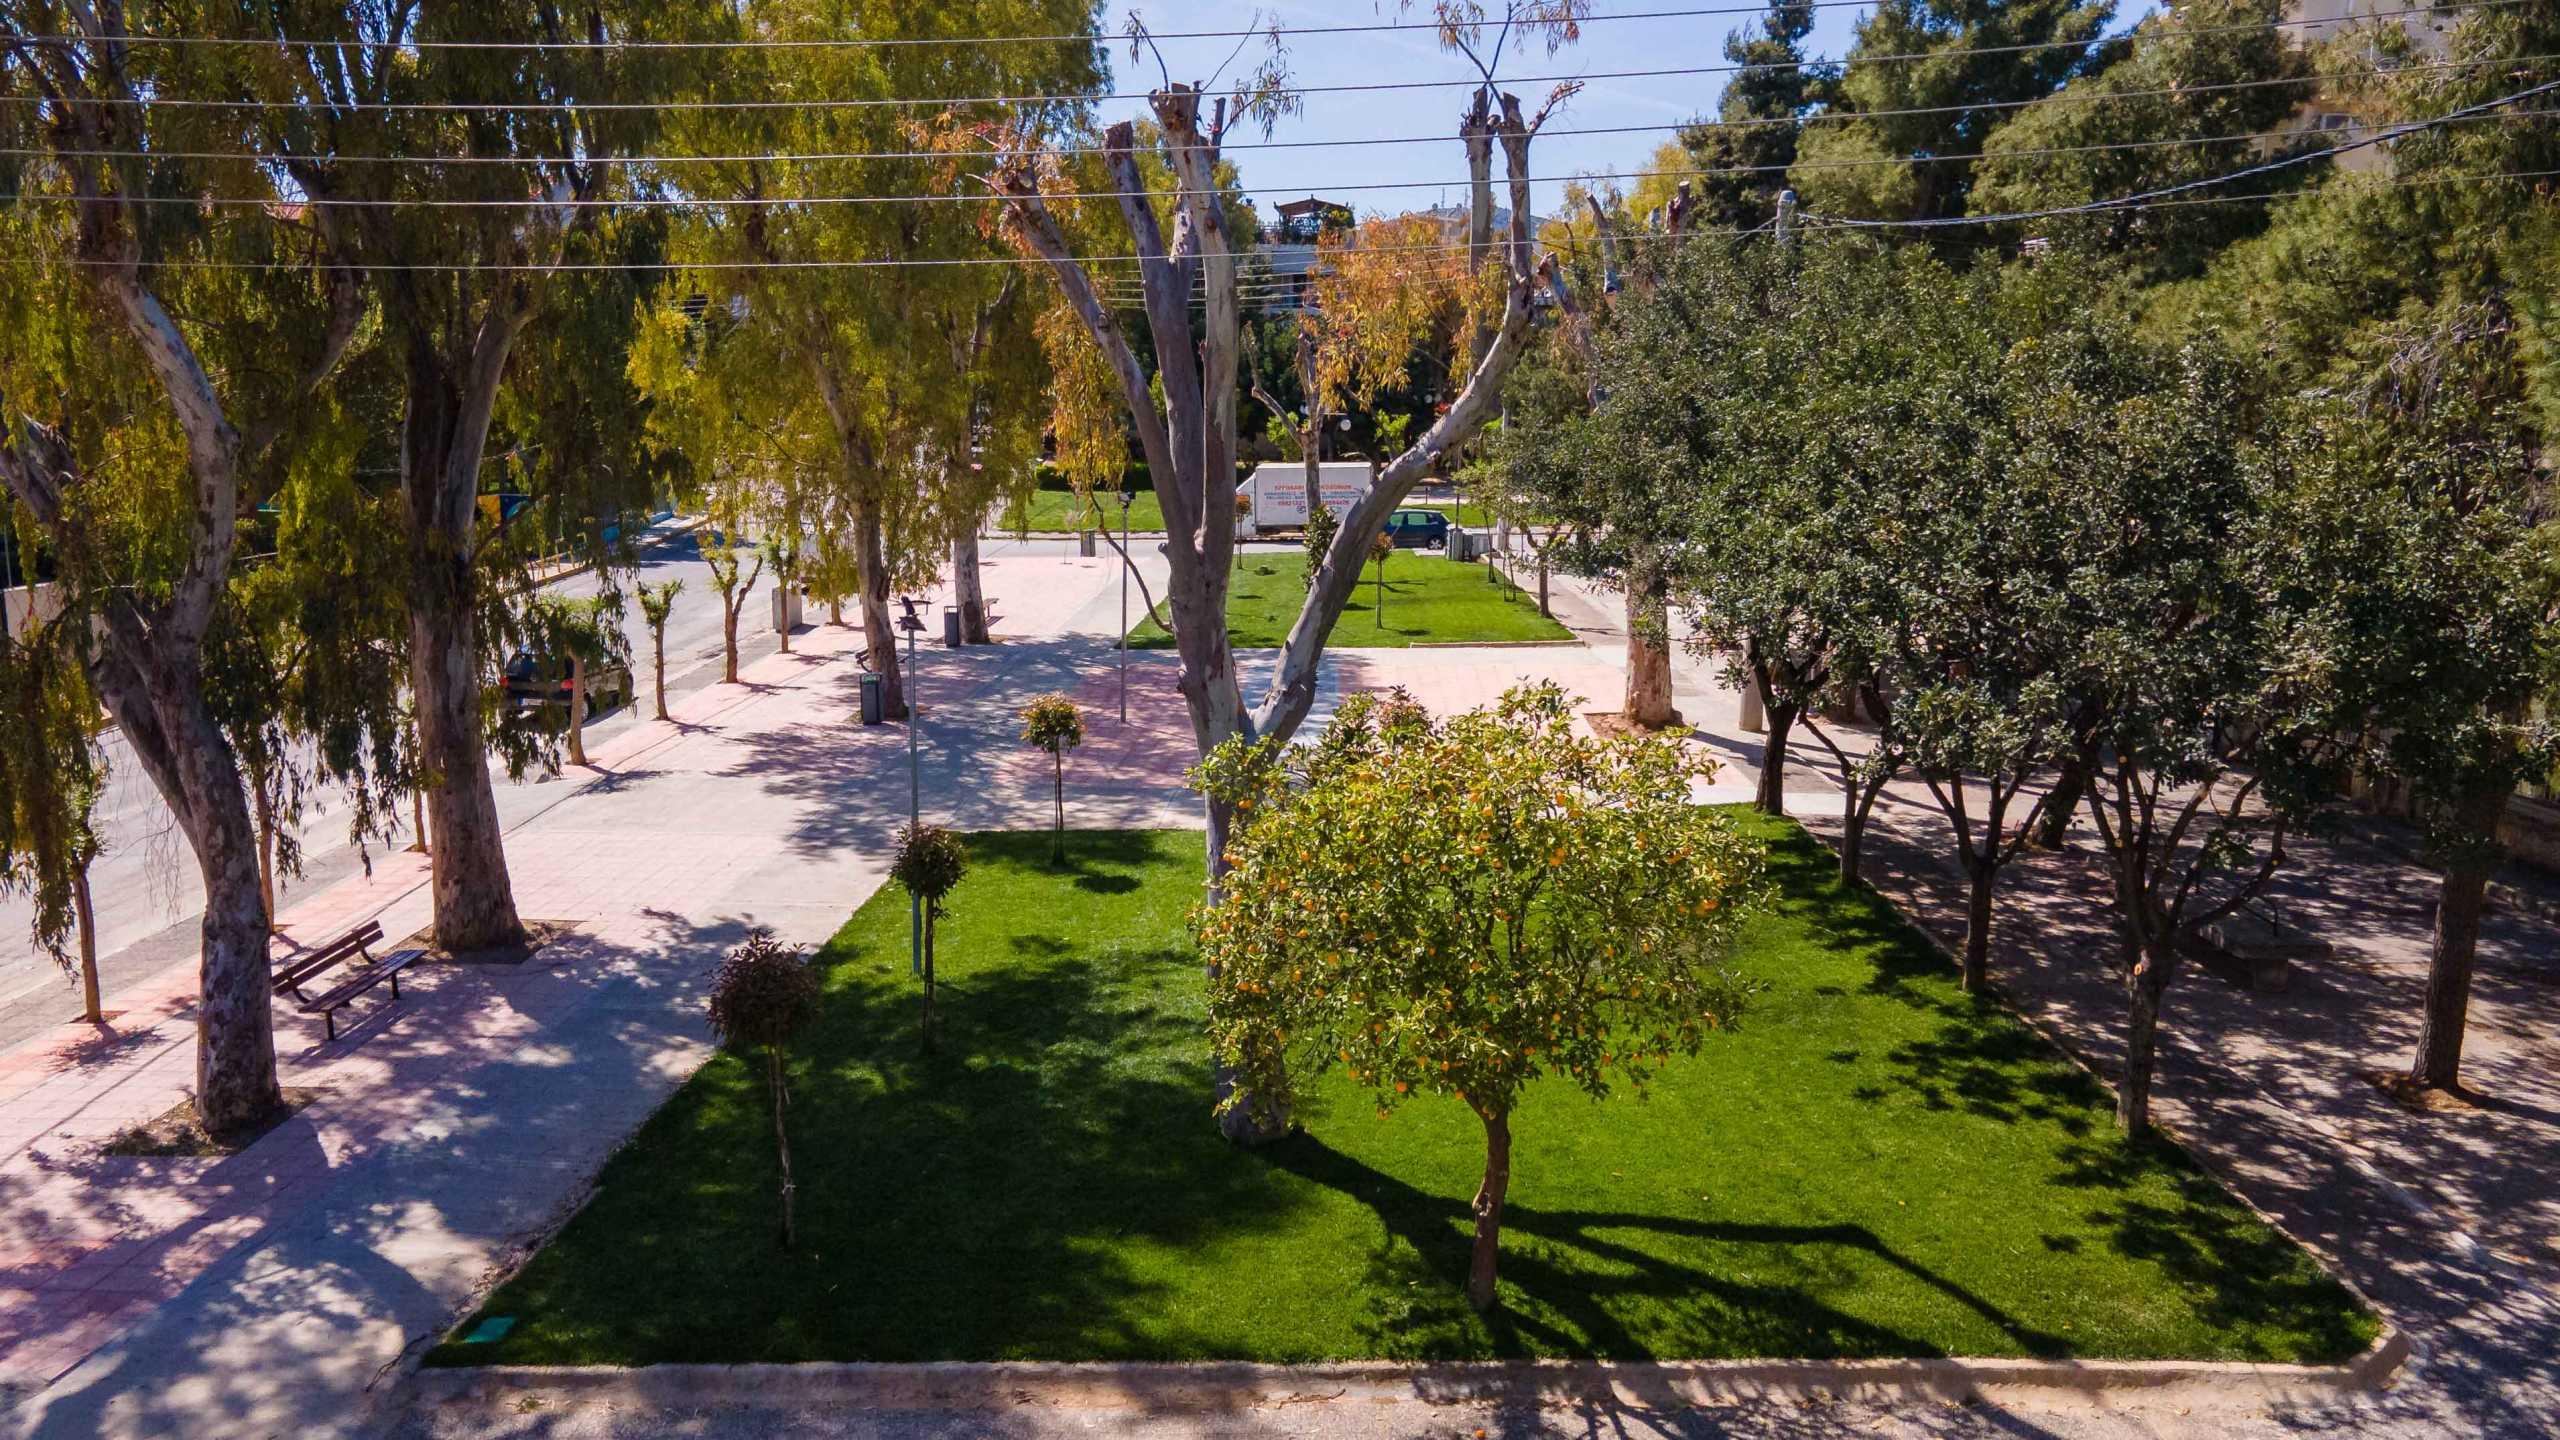 Νέος χώρος πράσινου στο Ίλιον (pics, video)